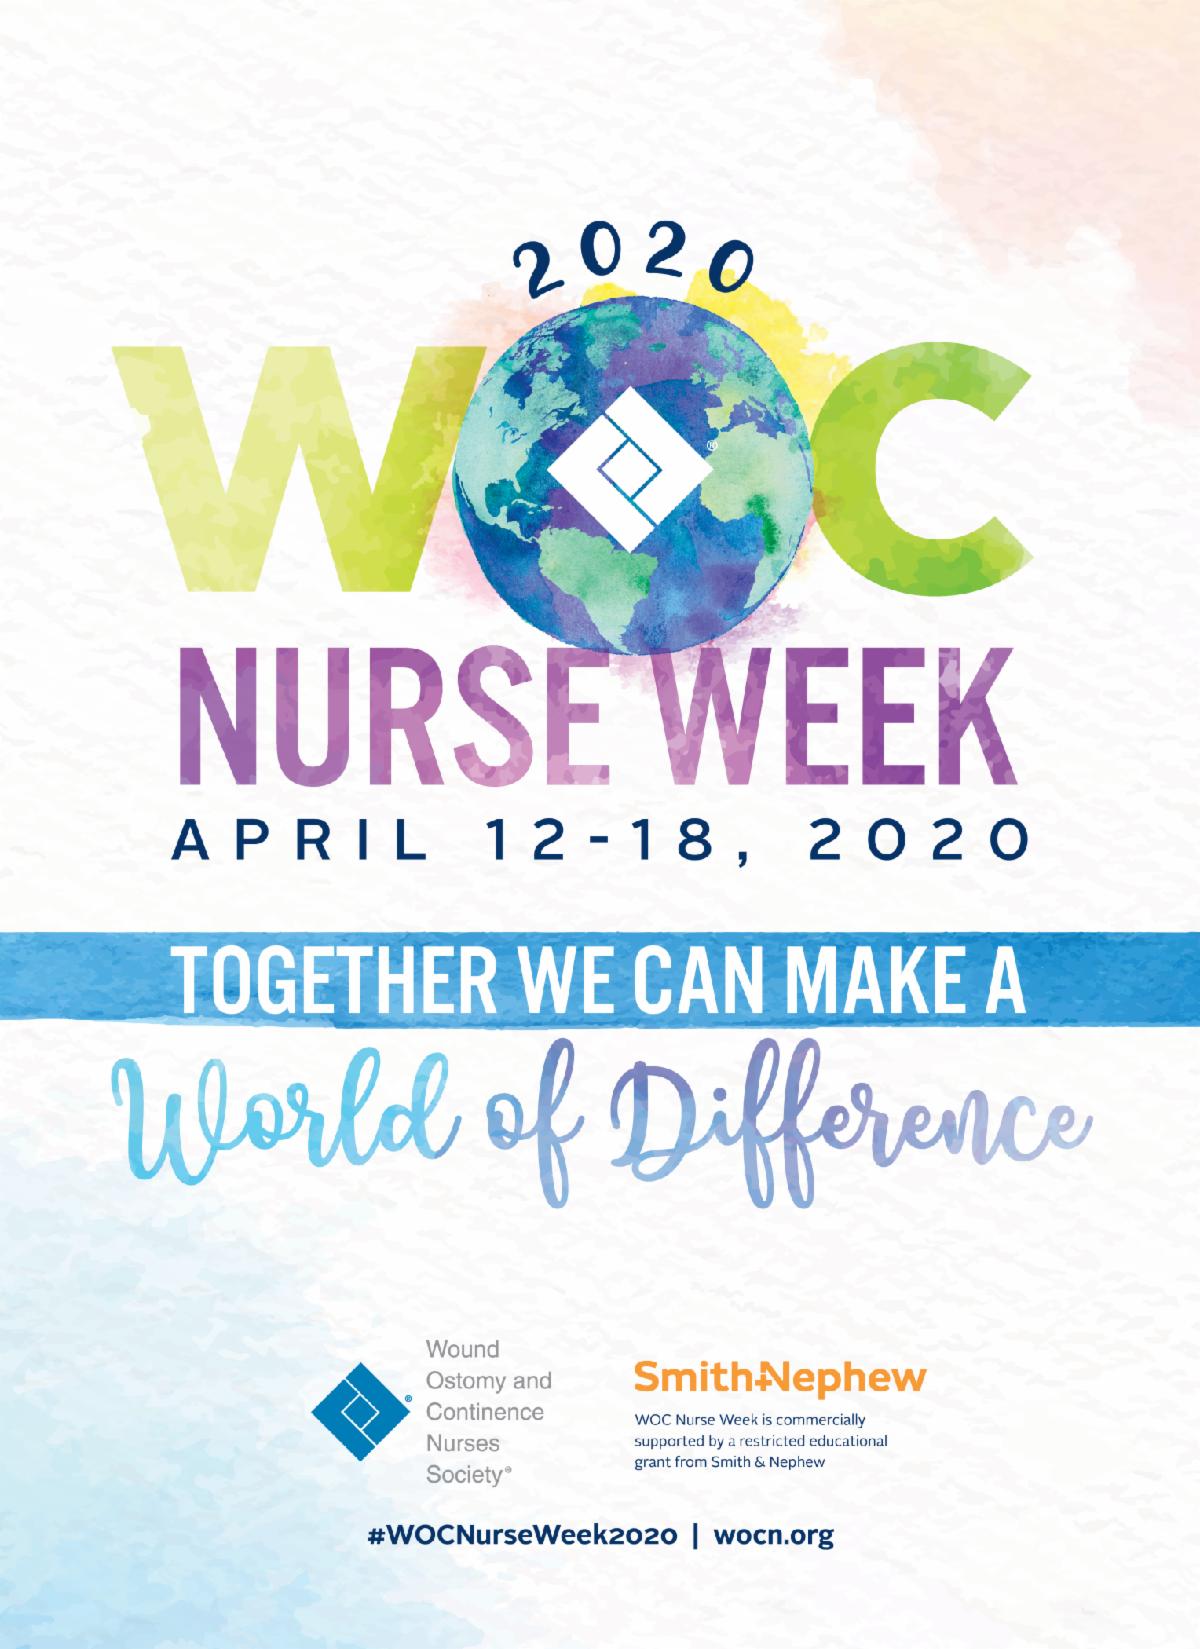 wocnurseweek-2020-poster-png.png